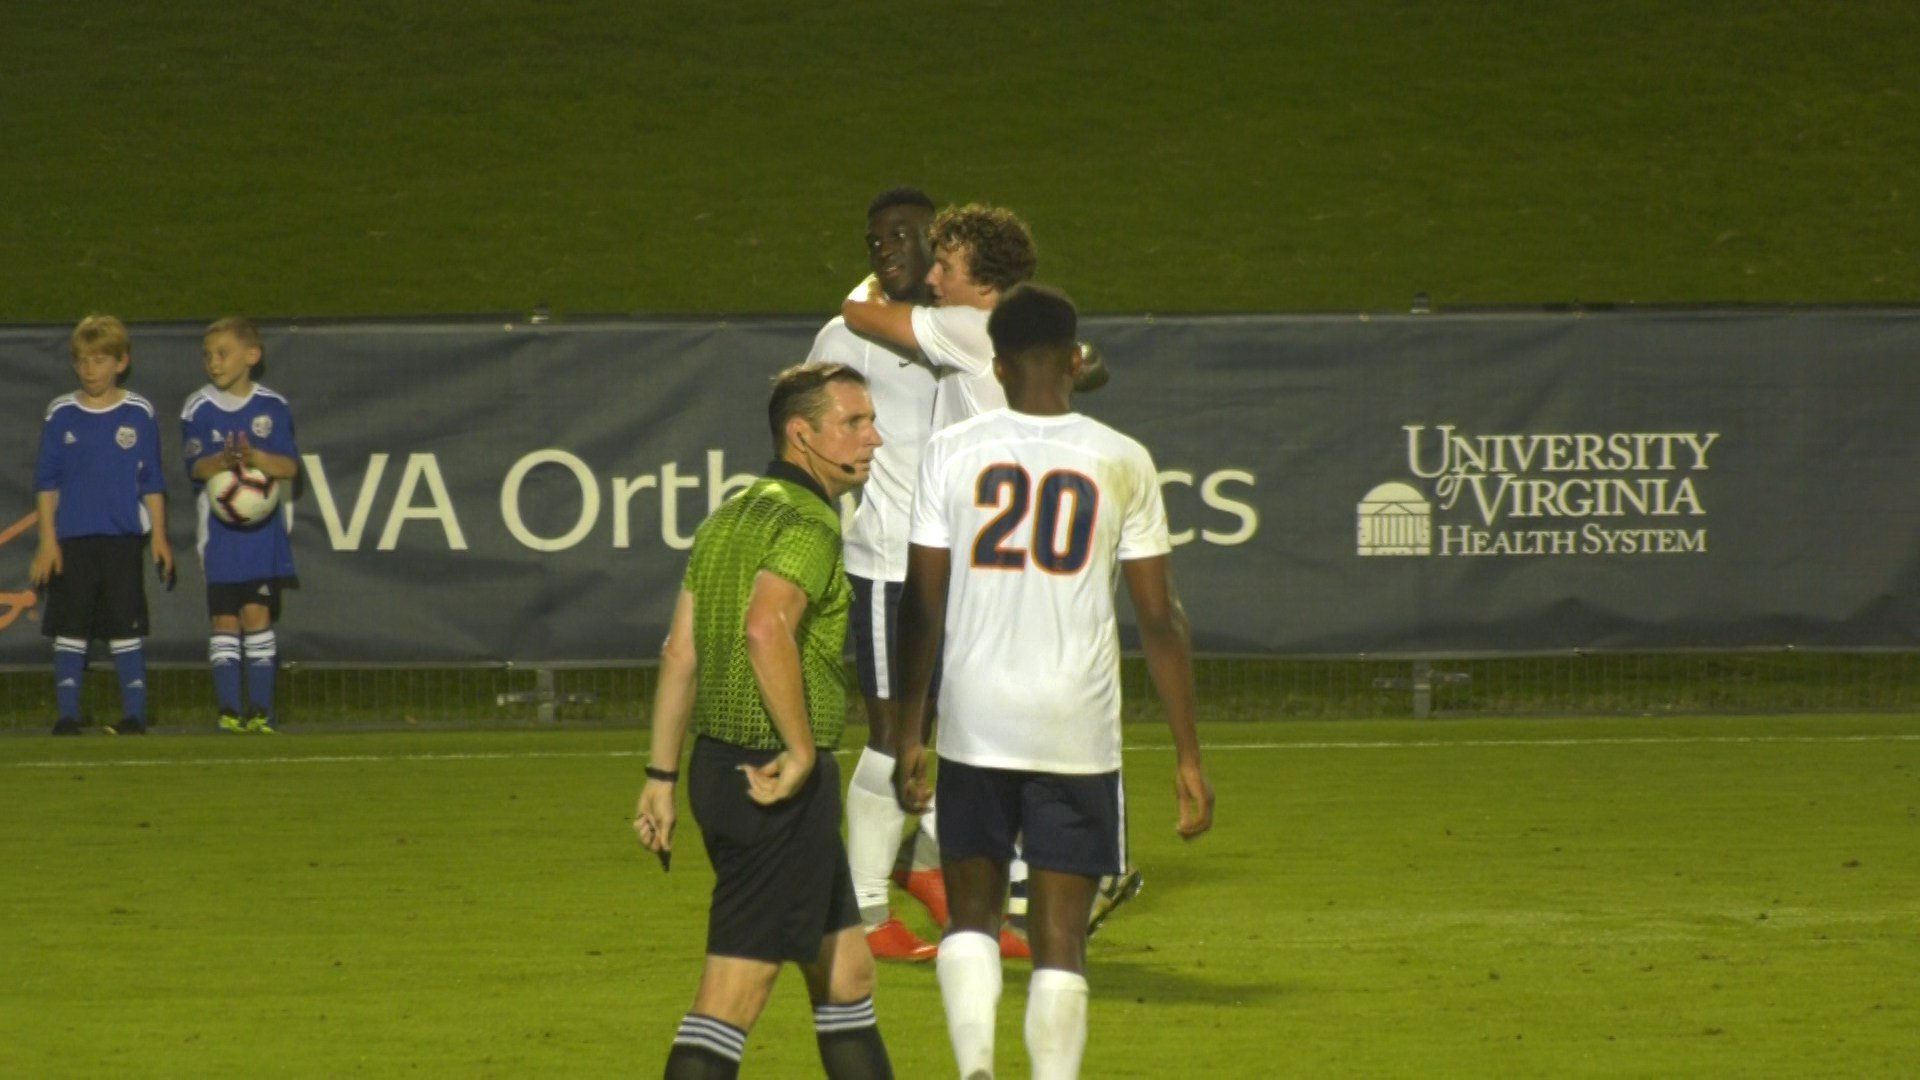 UVa's Daryl Dike scored two goals against Denver